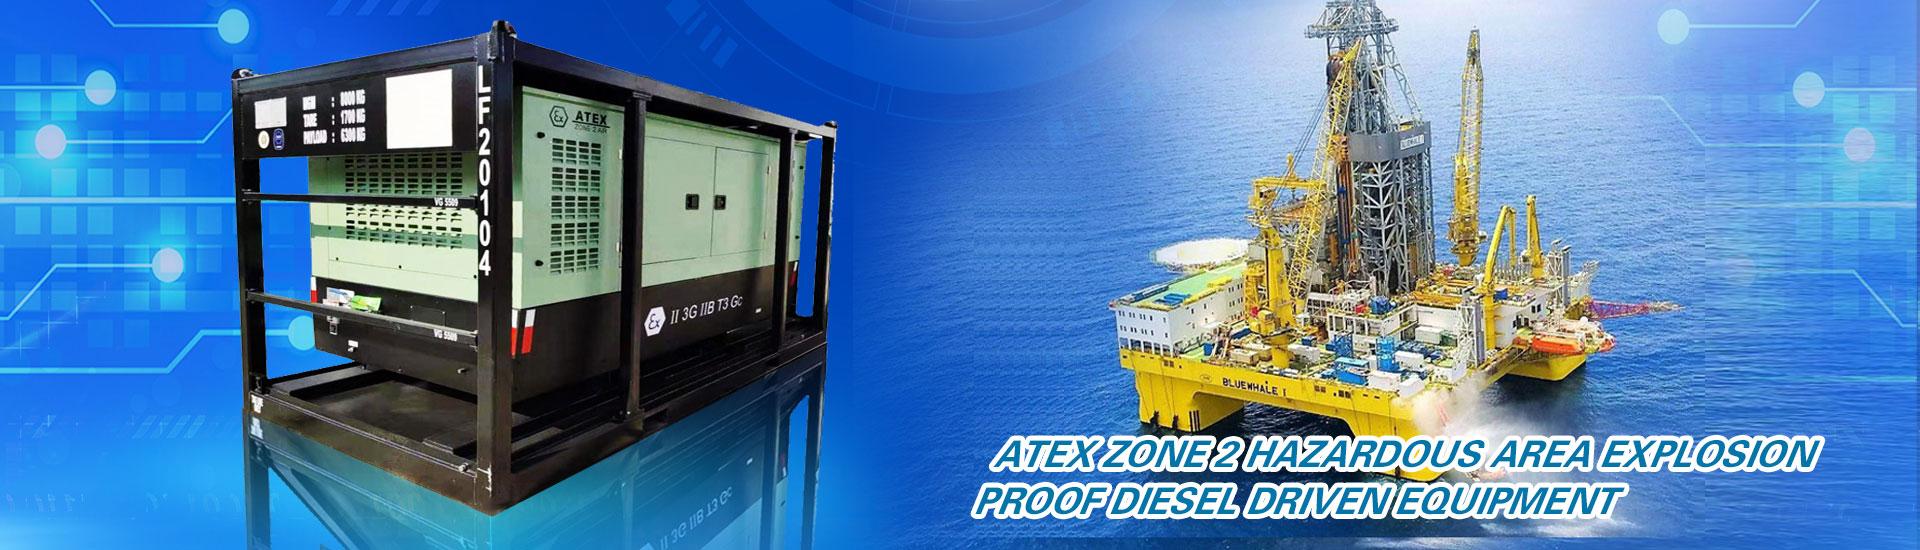 Zone 2 Equipment